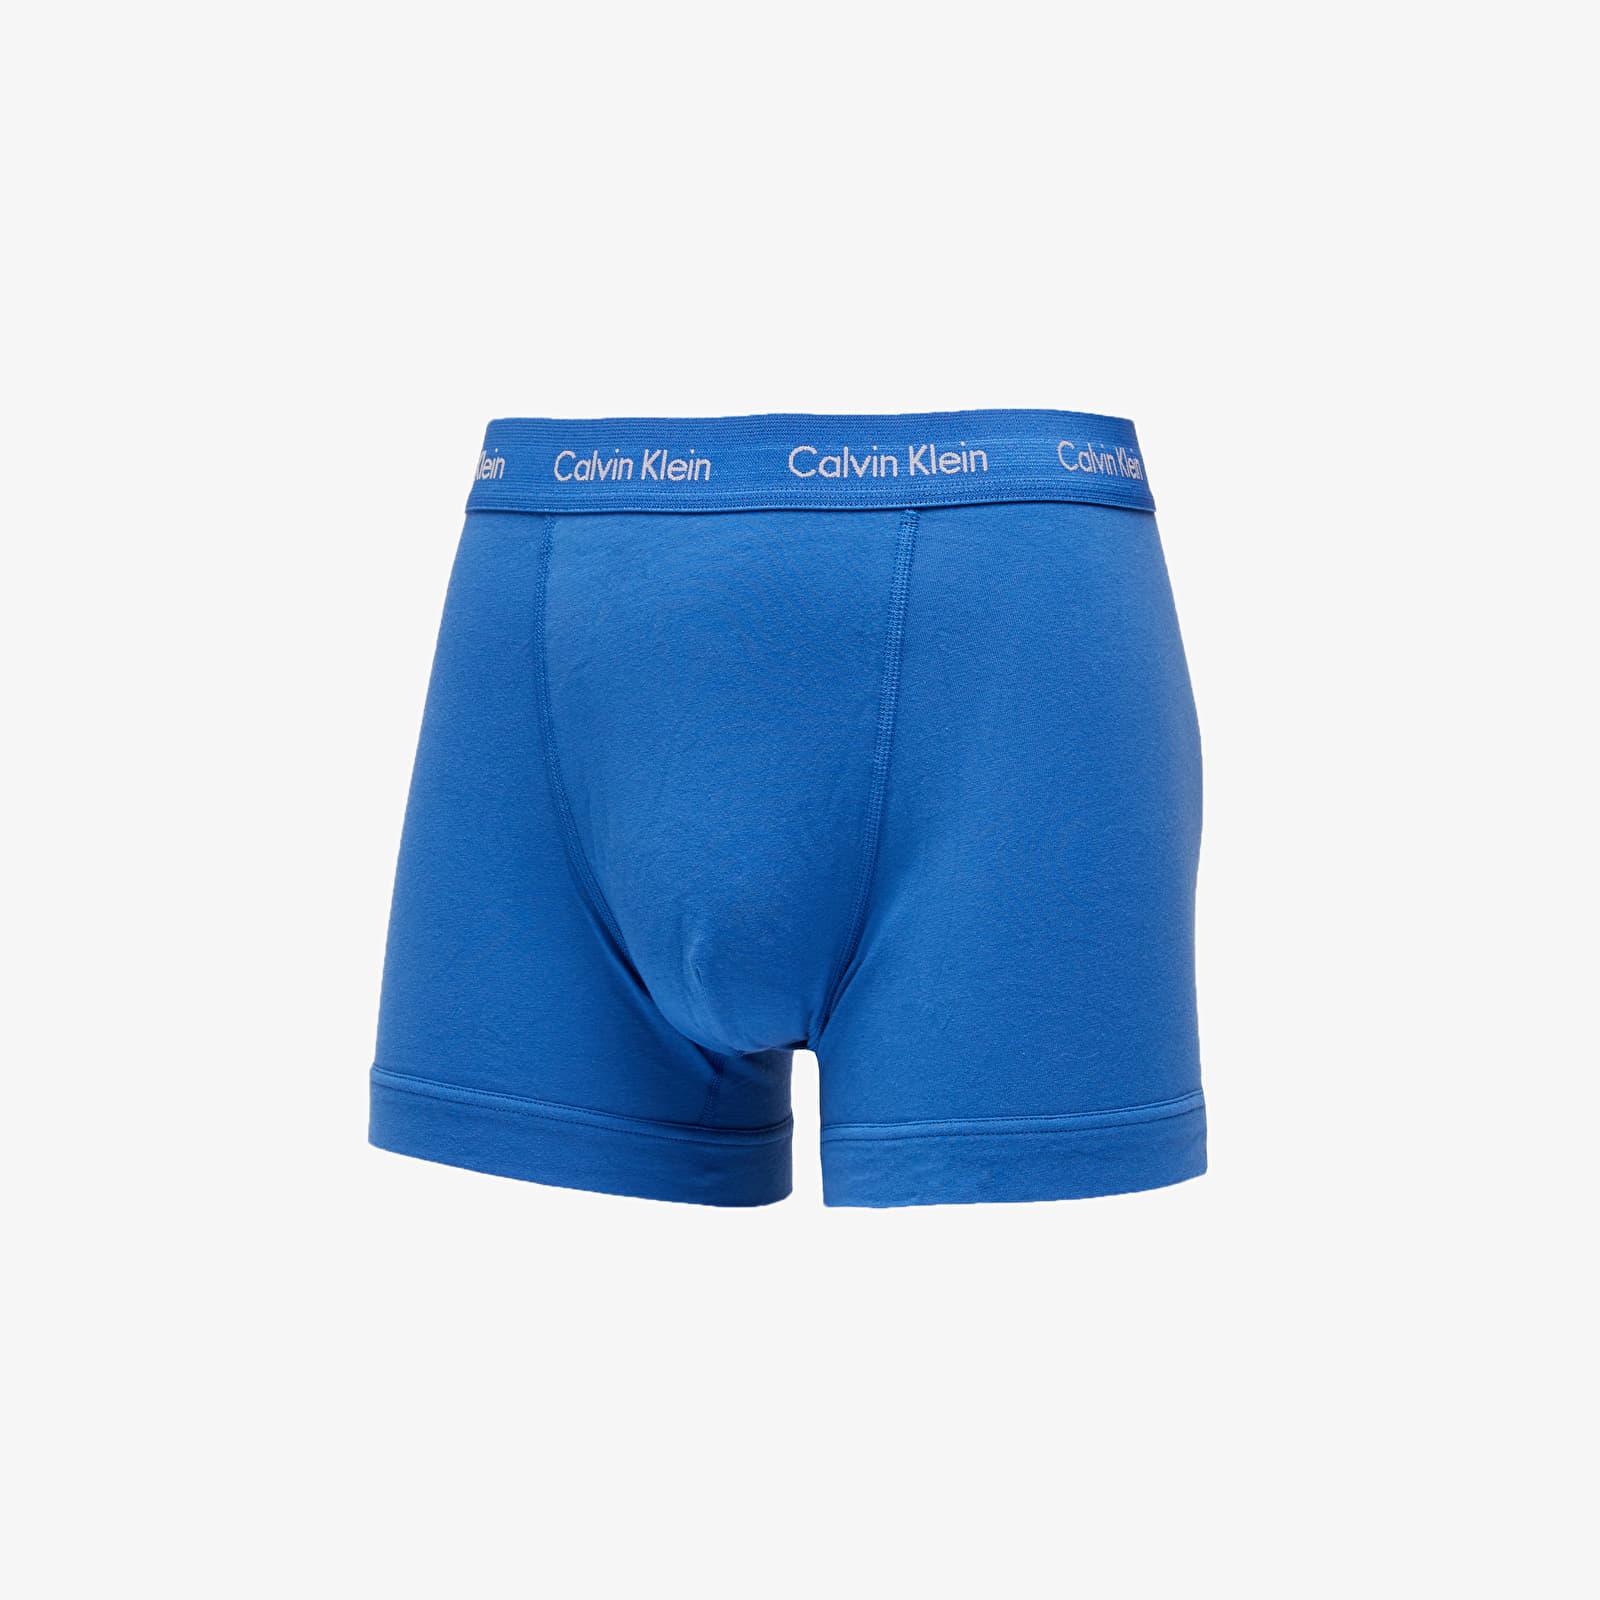 Men's underwear Calvin Klein 3 Pack Trunks Minnow/ Horoscope/ Inferno